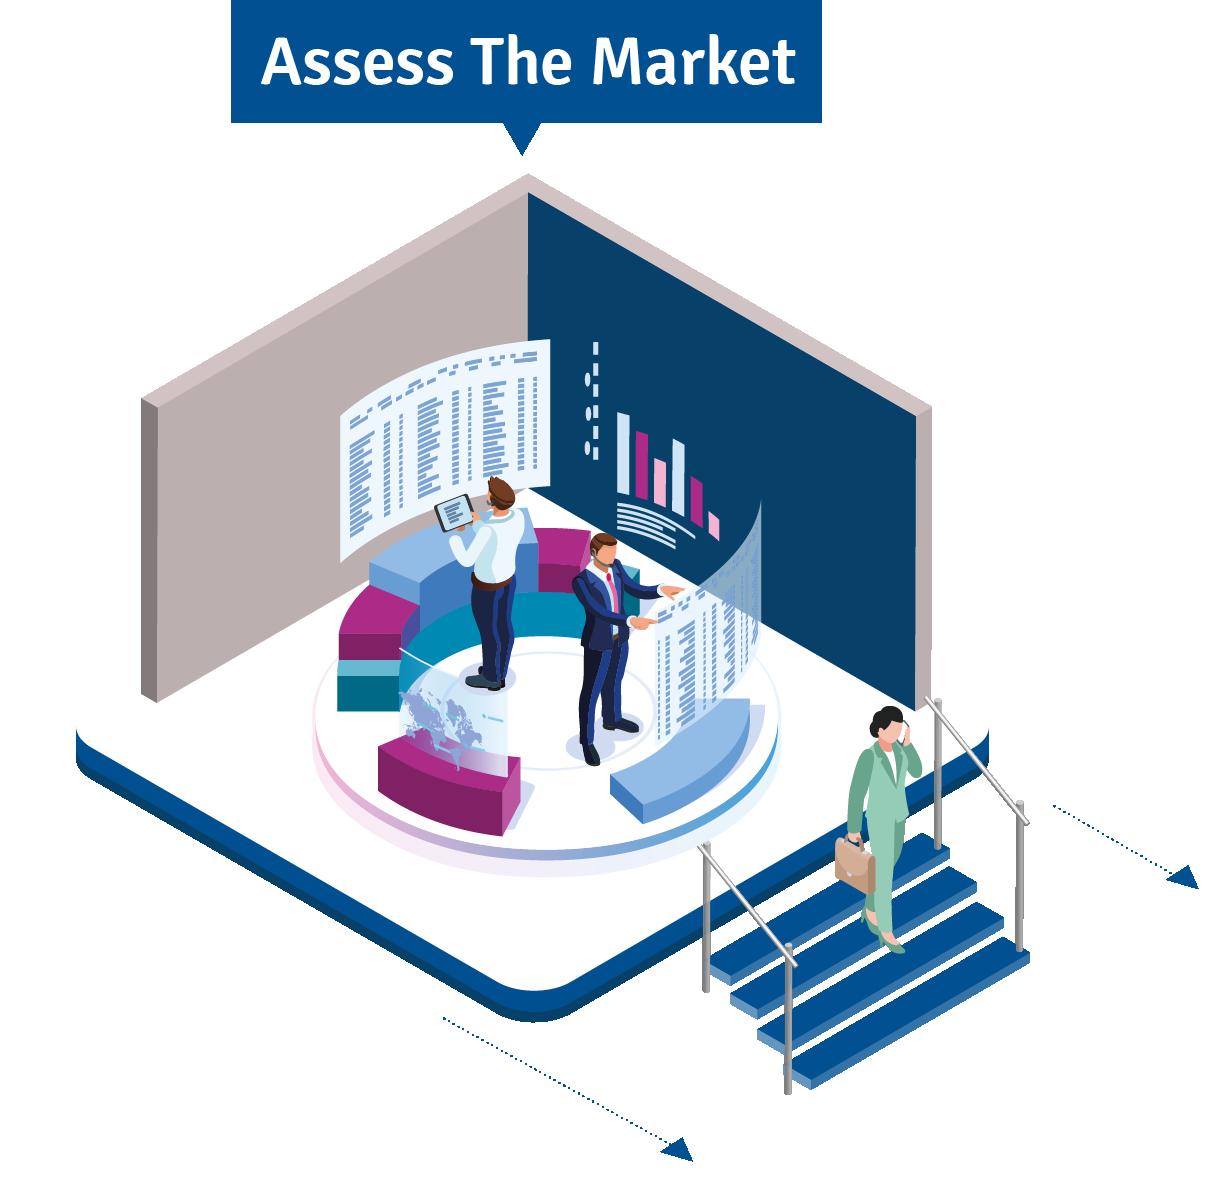 Assess The Market